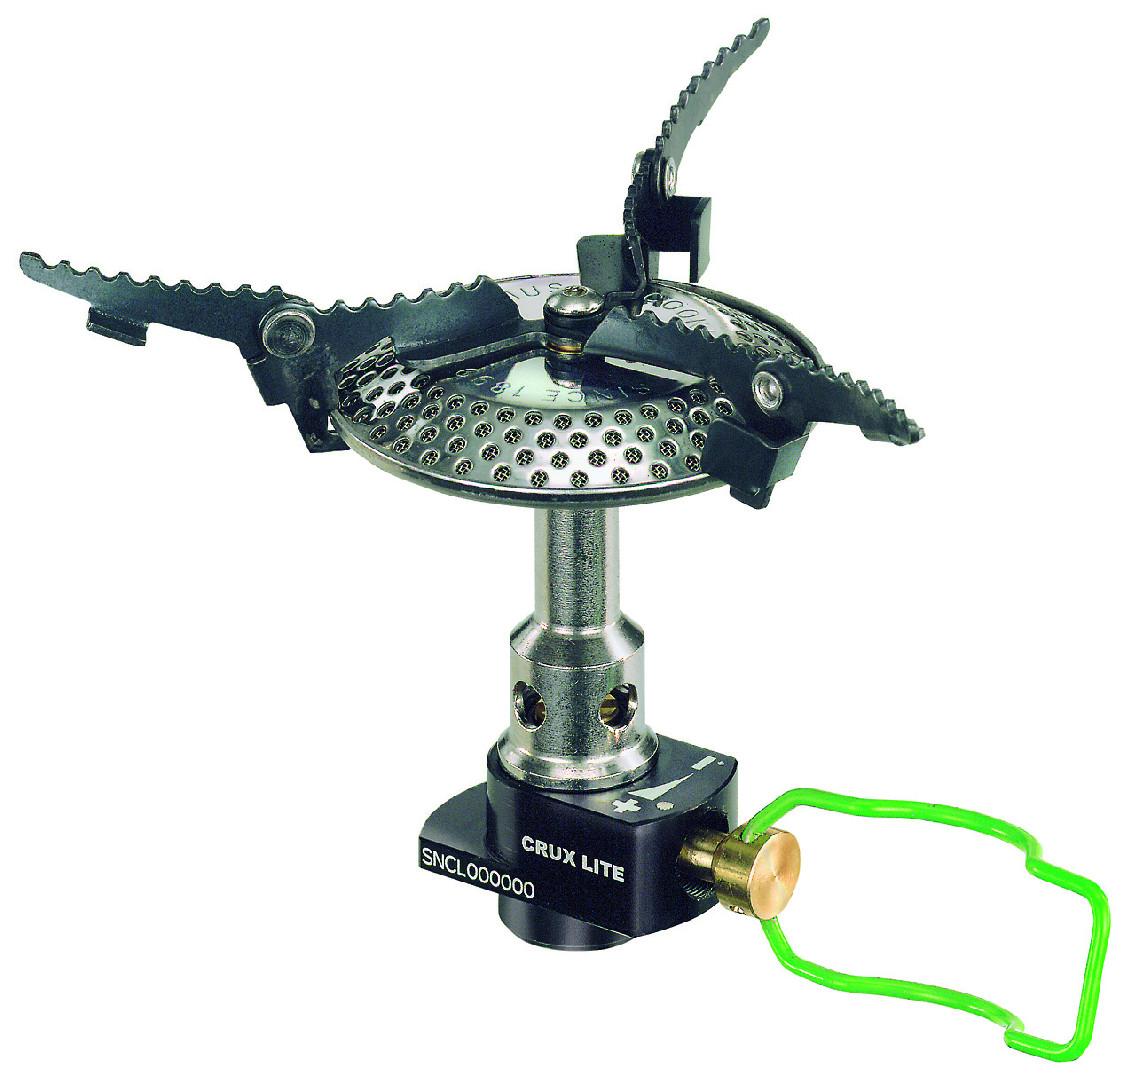 Optimus Crux Lite plynový vaříč